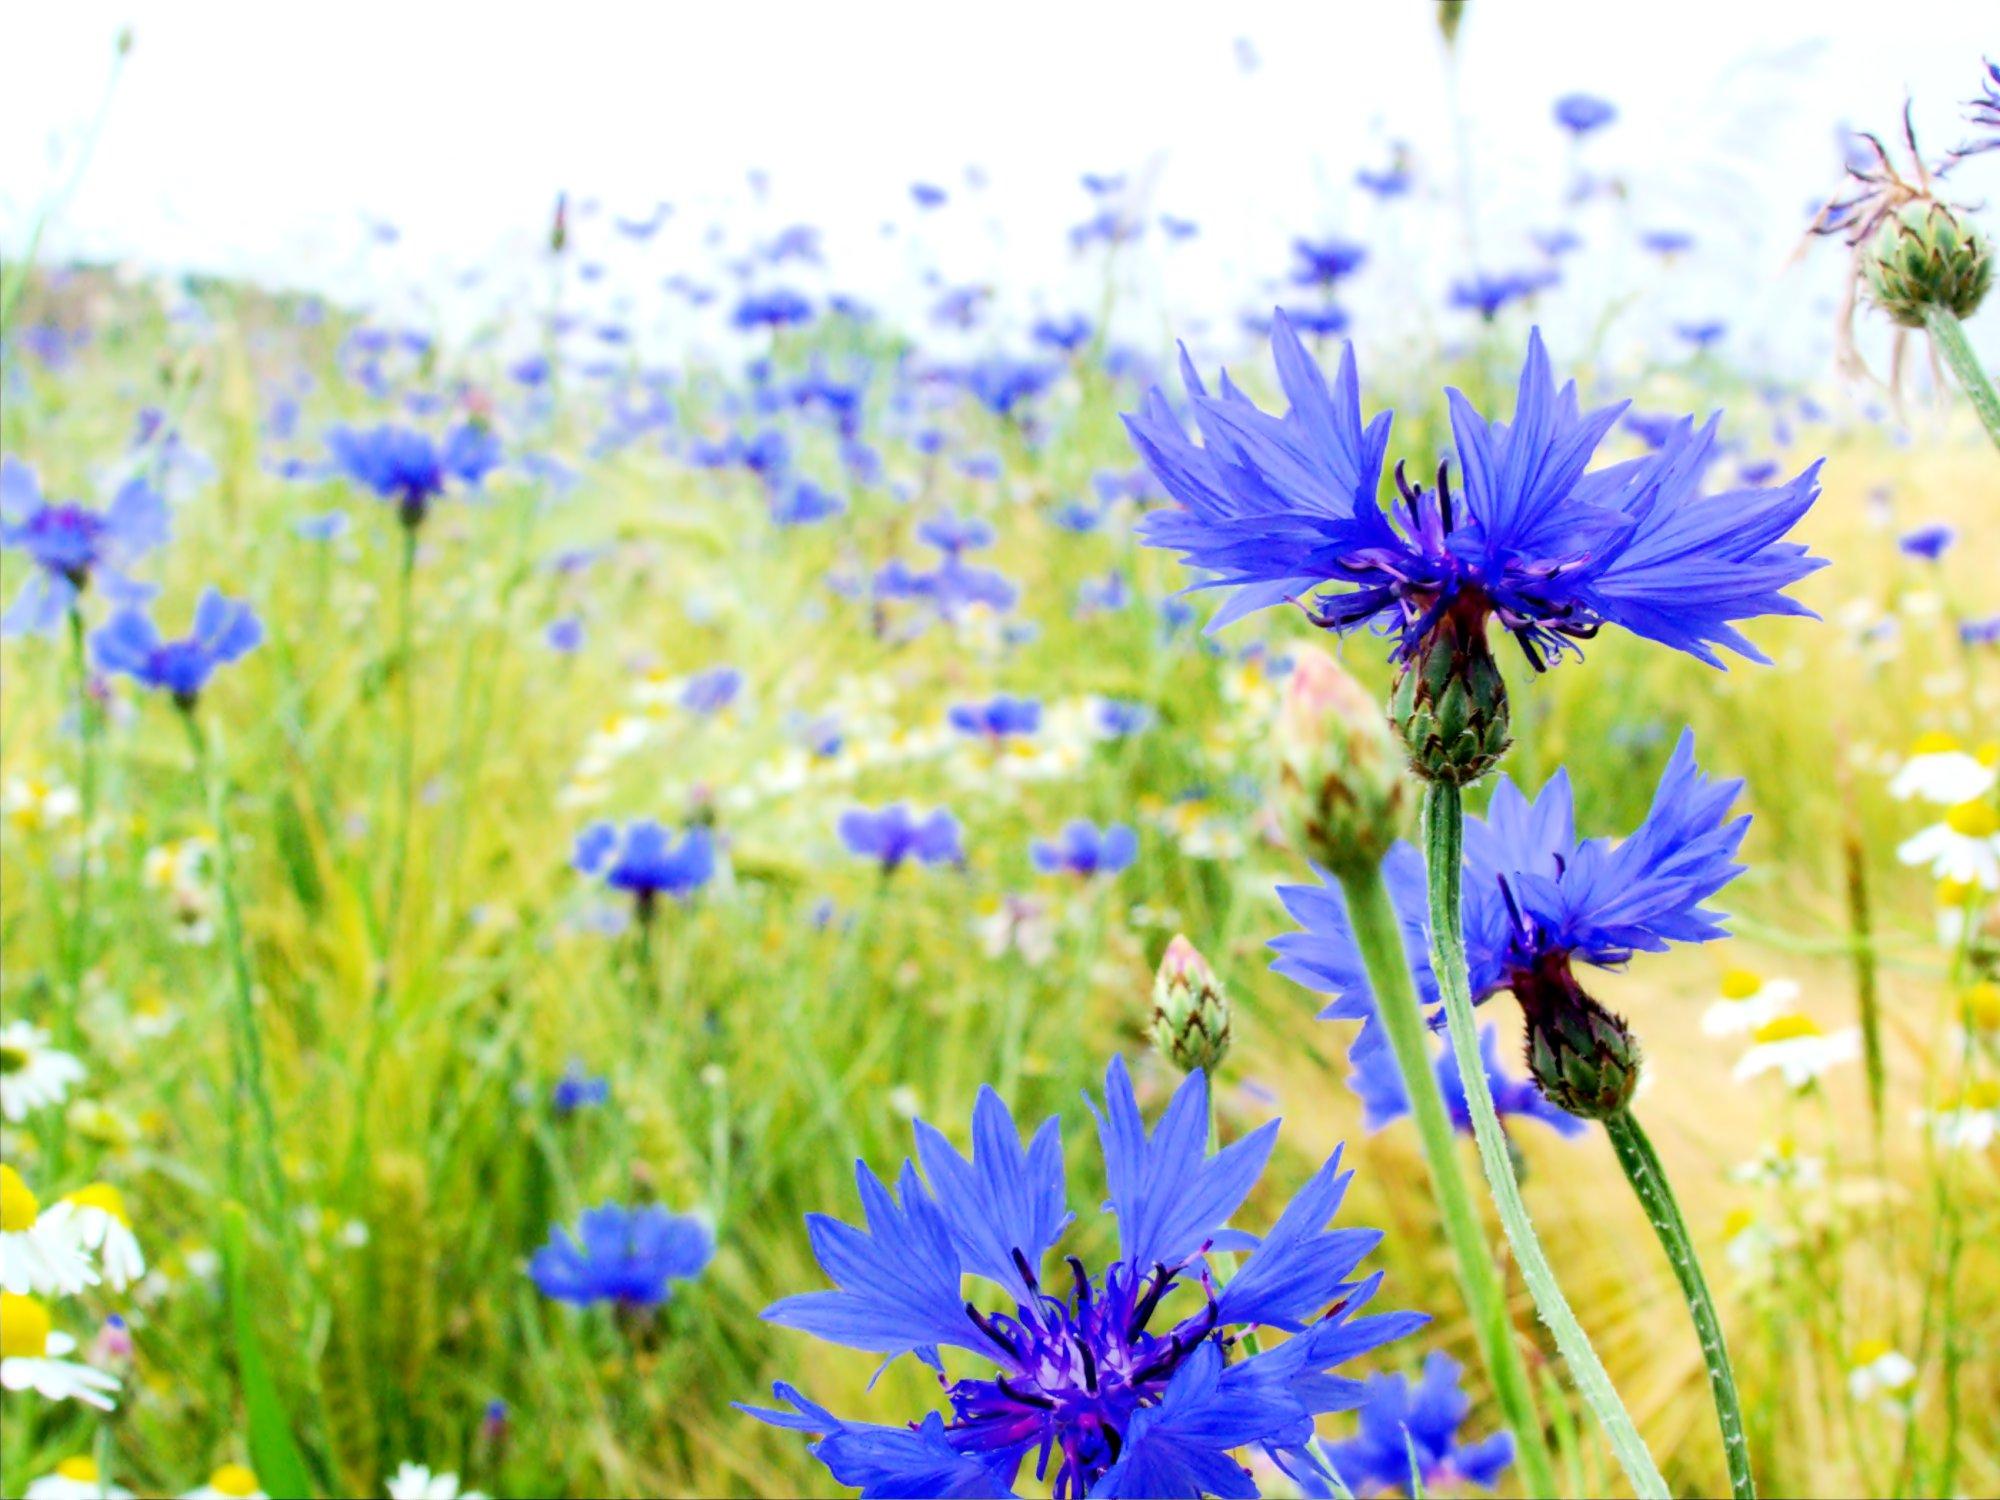 blumen in flowerpix image - photo #24